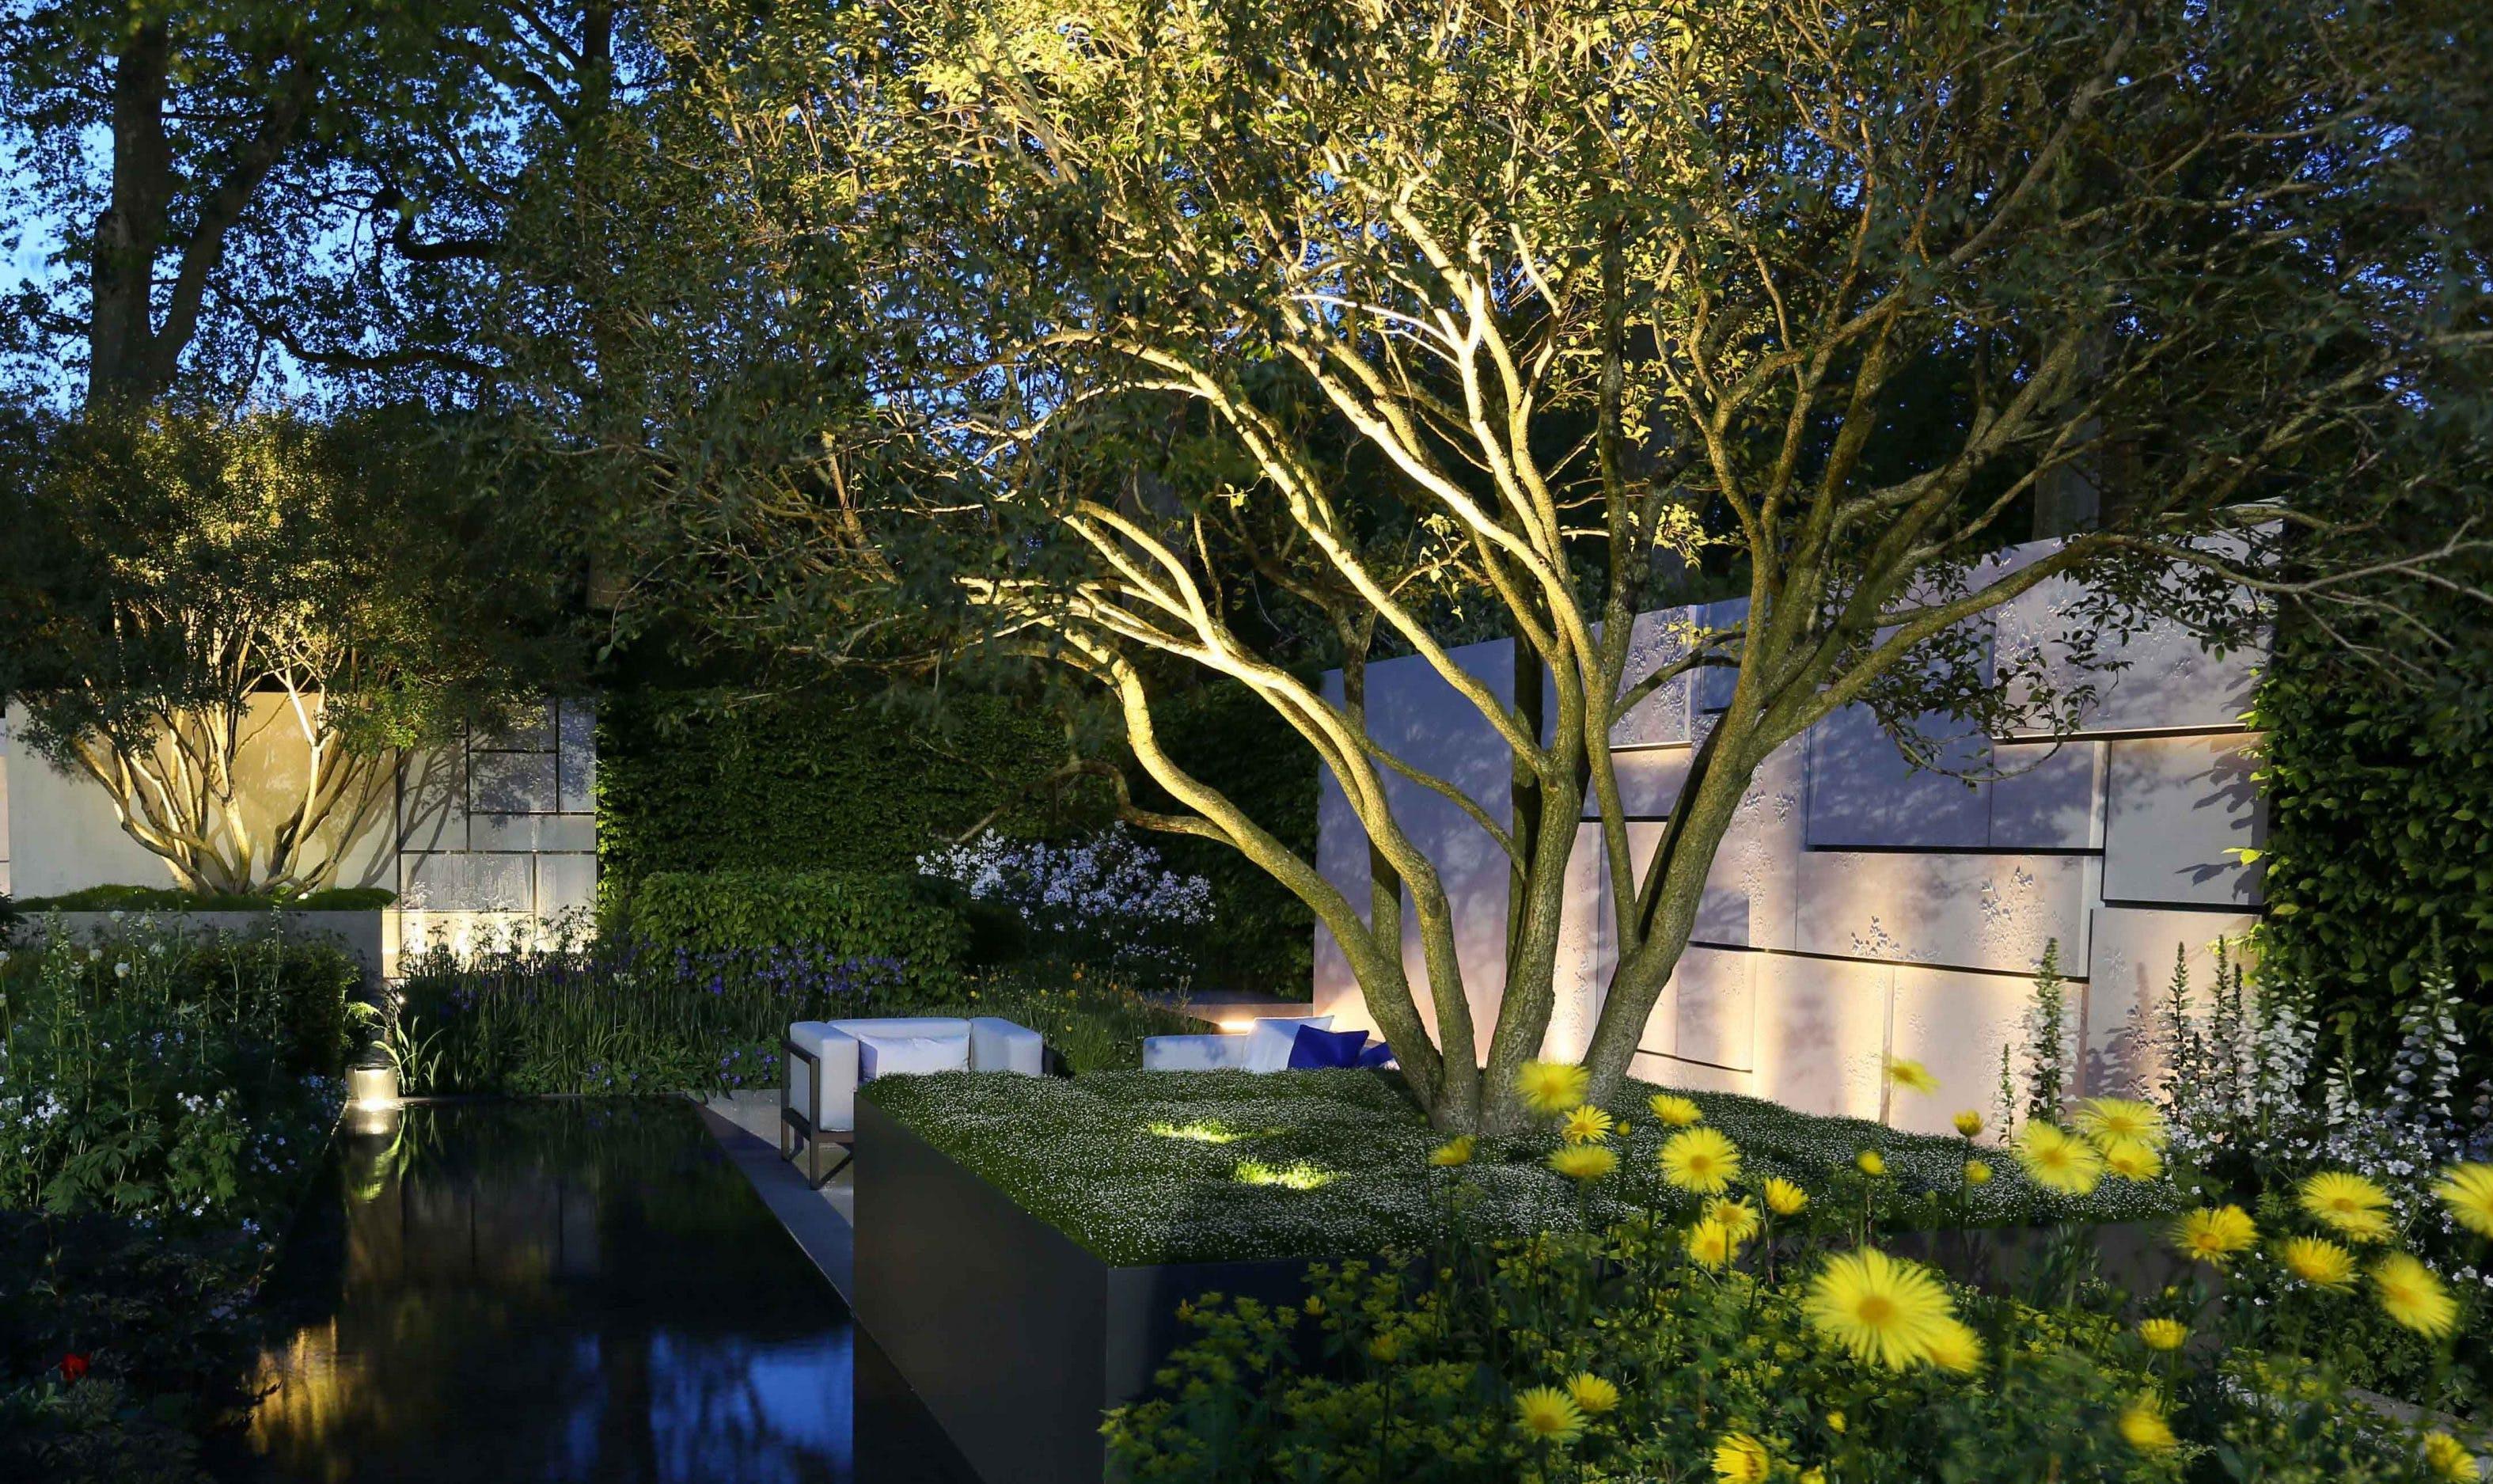 sot and hard landscape garden